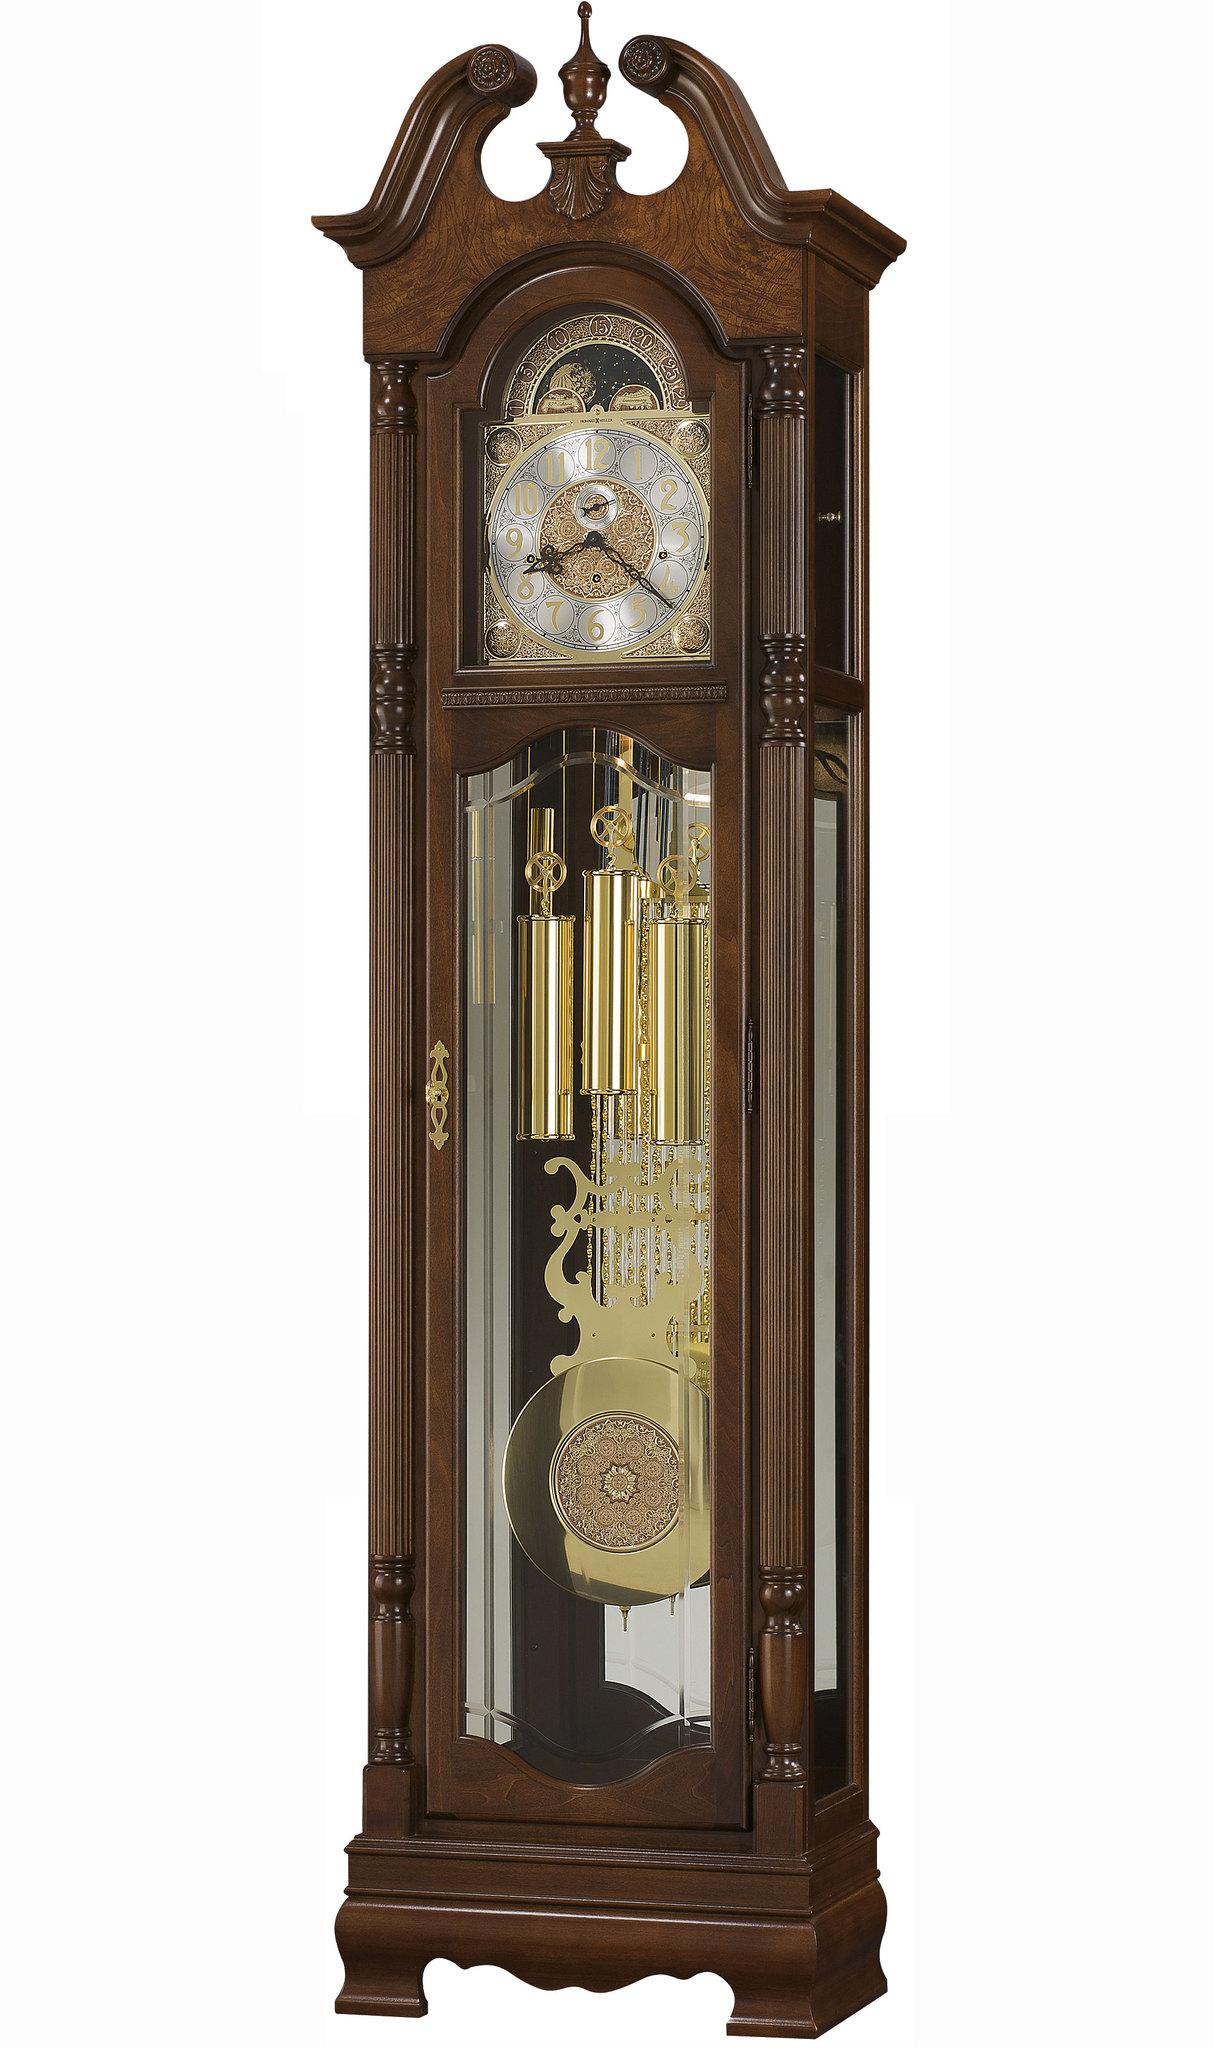 Часы напольные Часы напольные Howard Miller 611-200 Baldwin chasy-napolnye-howard-miller-611-200-baldwin-ssha.jpg